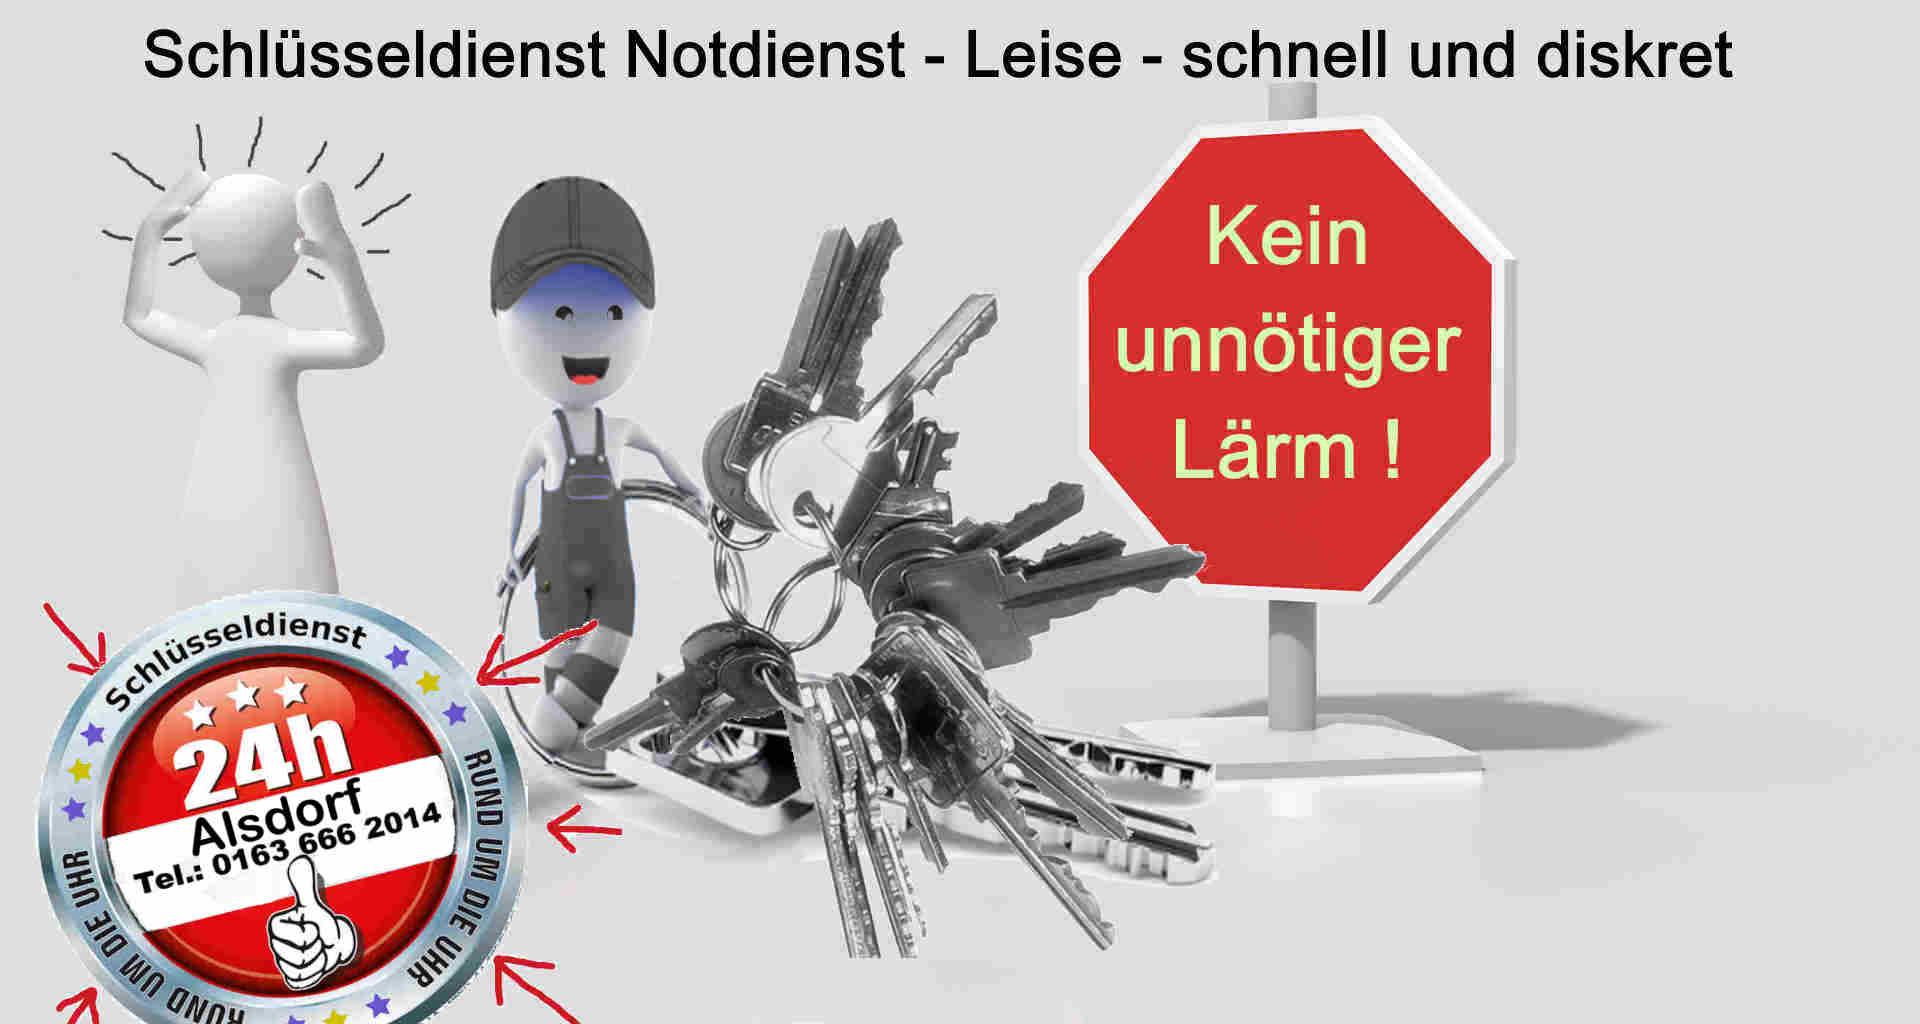 Leise - schnell und diskret ! Schlüsseldienst Alsdorf - Kein Nachbar wird gestört !